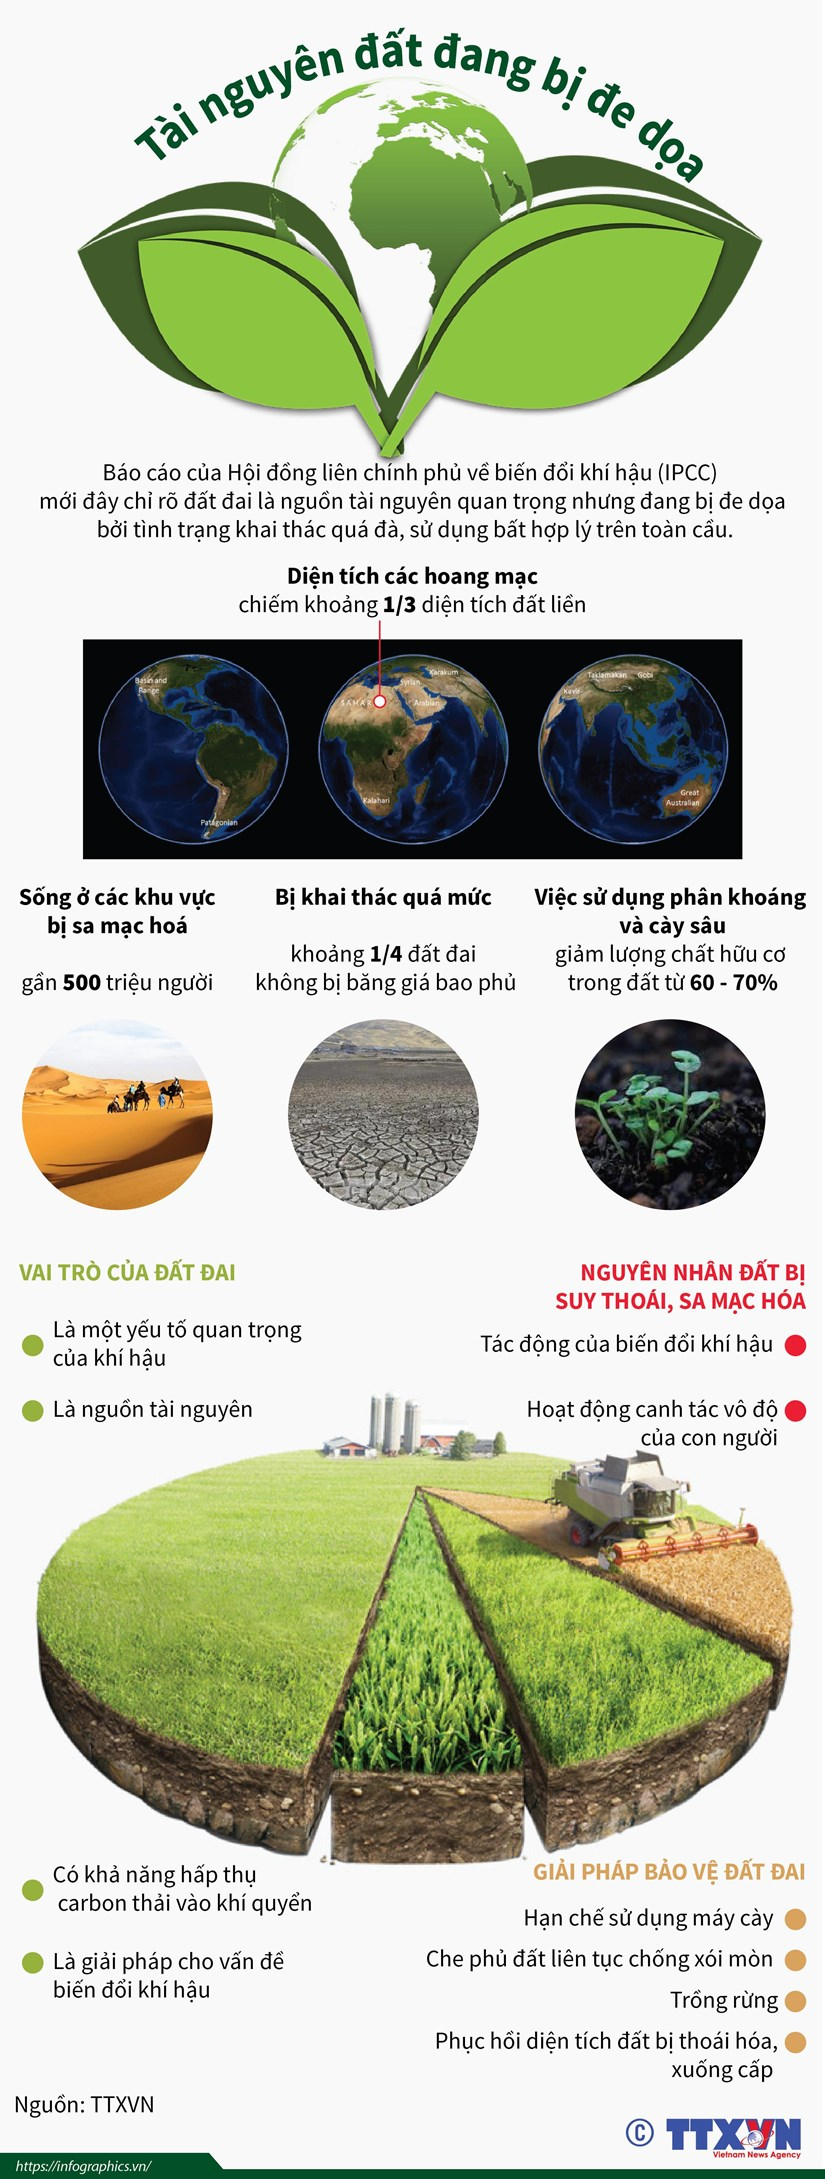 [Infographics] Tai nguyen dat tren toan the gioi dang bi de doa hinh anh 1